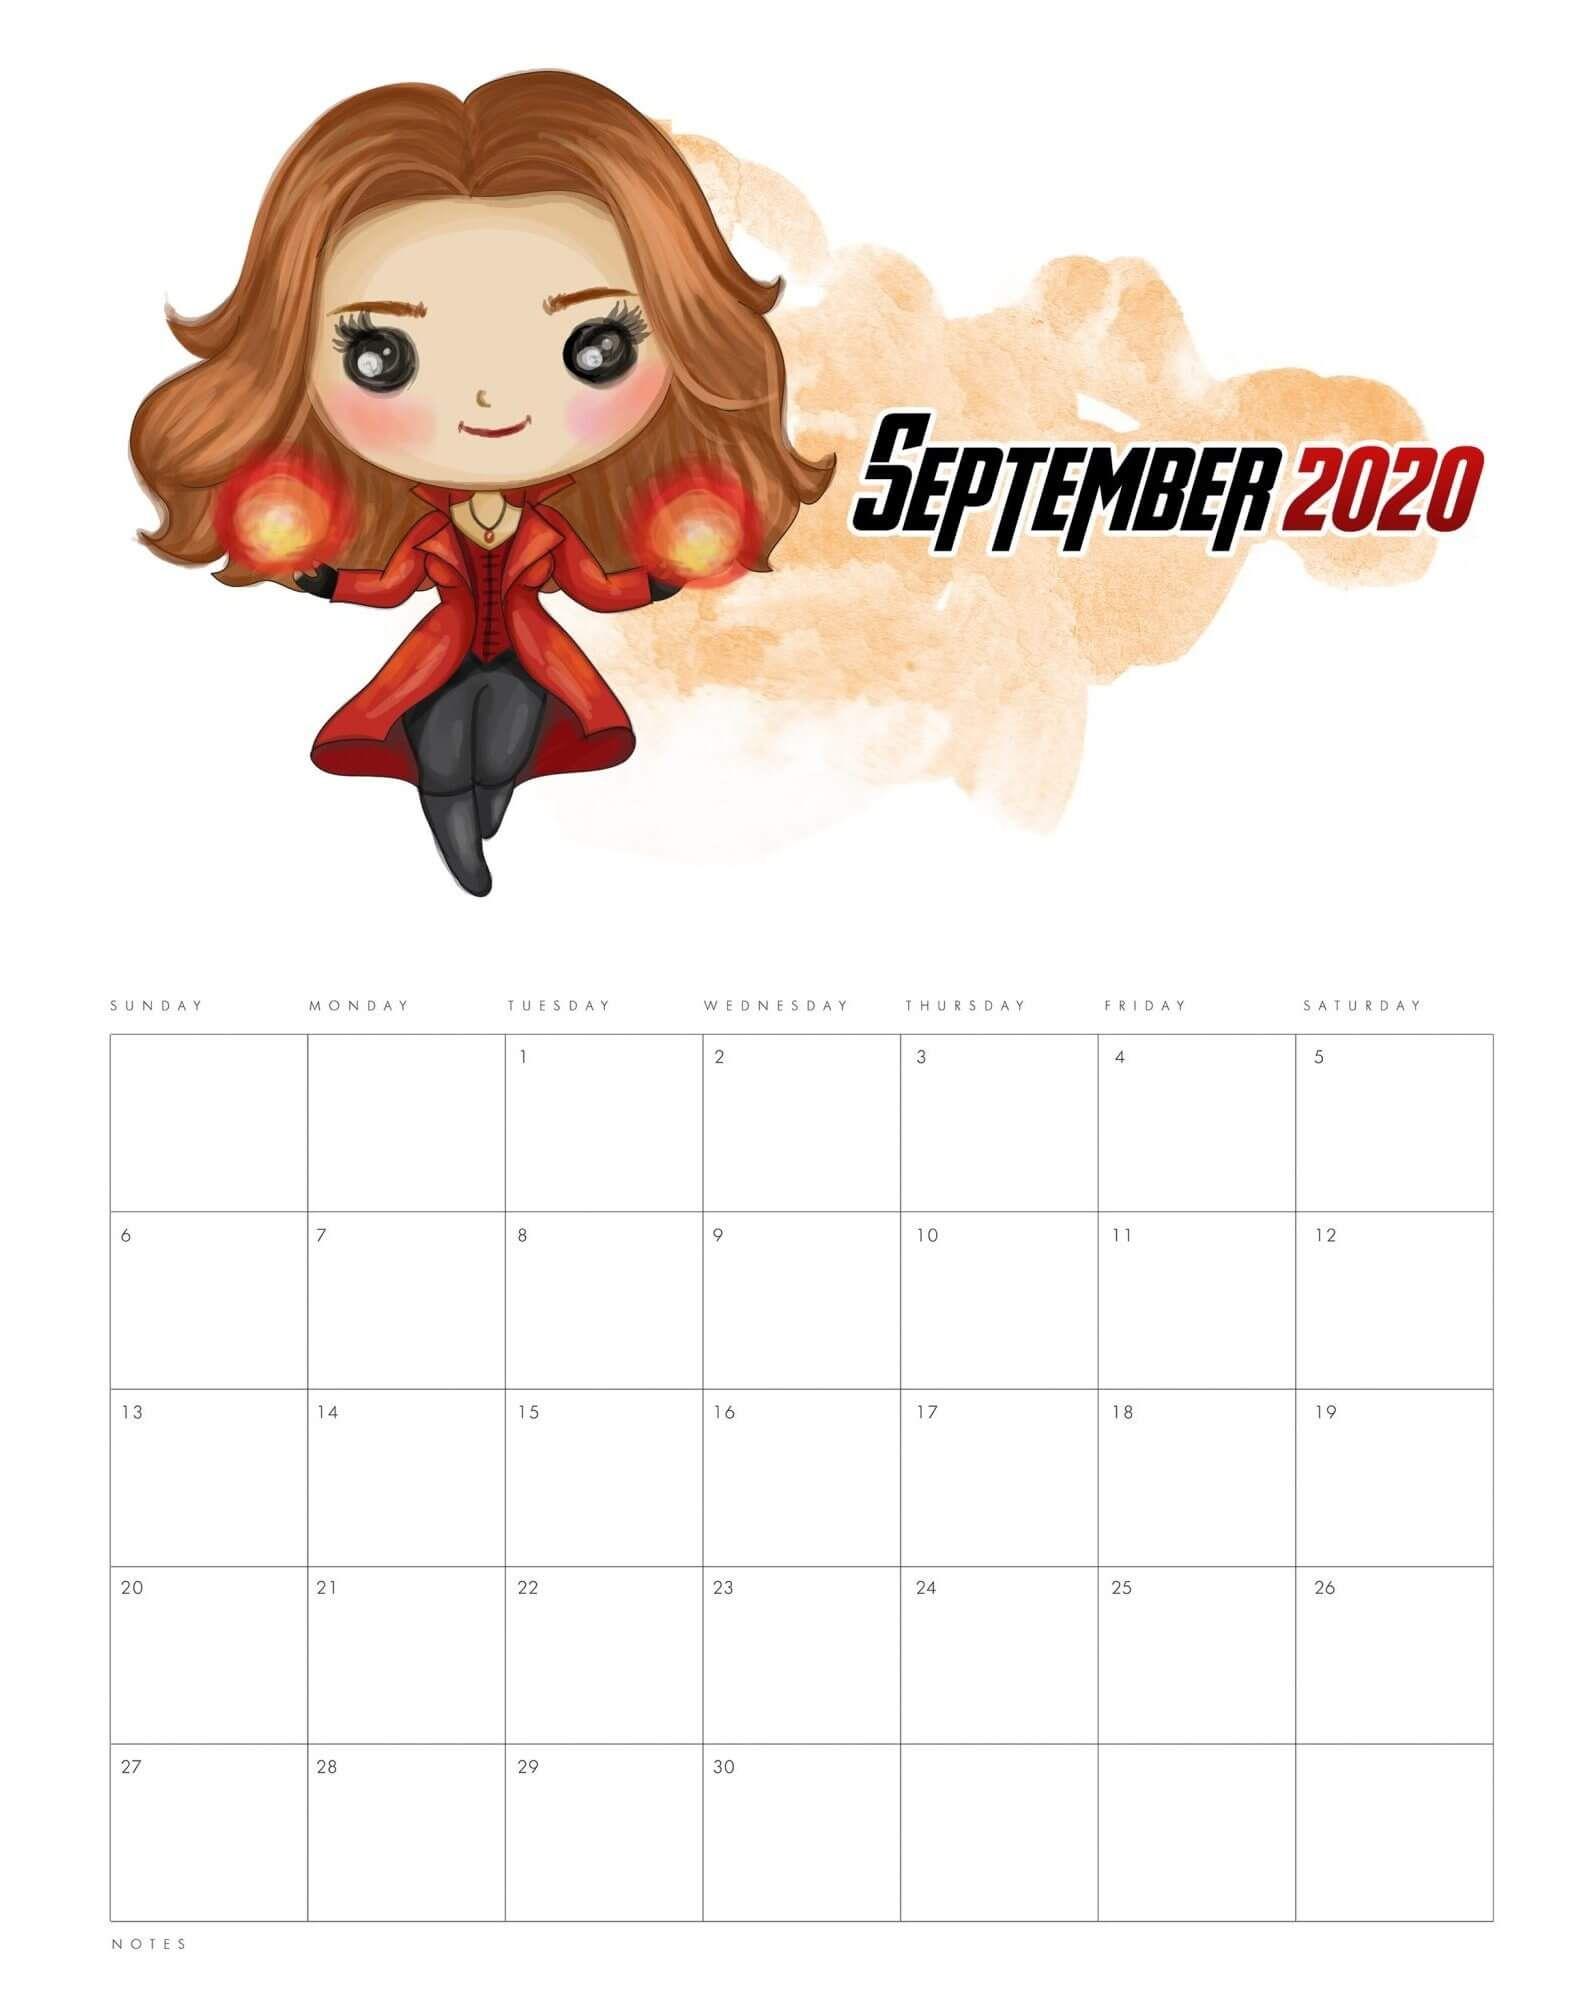 2020 September Calendar Cute in 2020 Avengers, Free